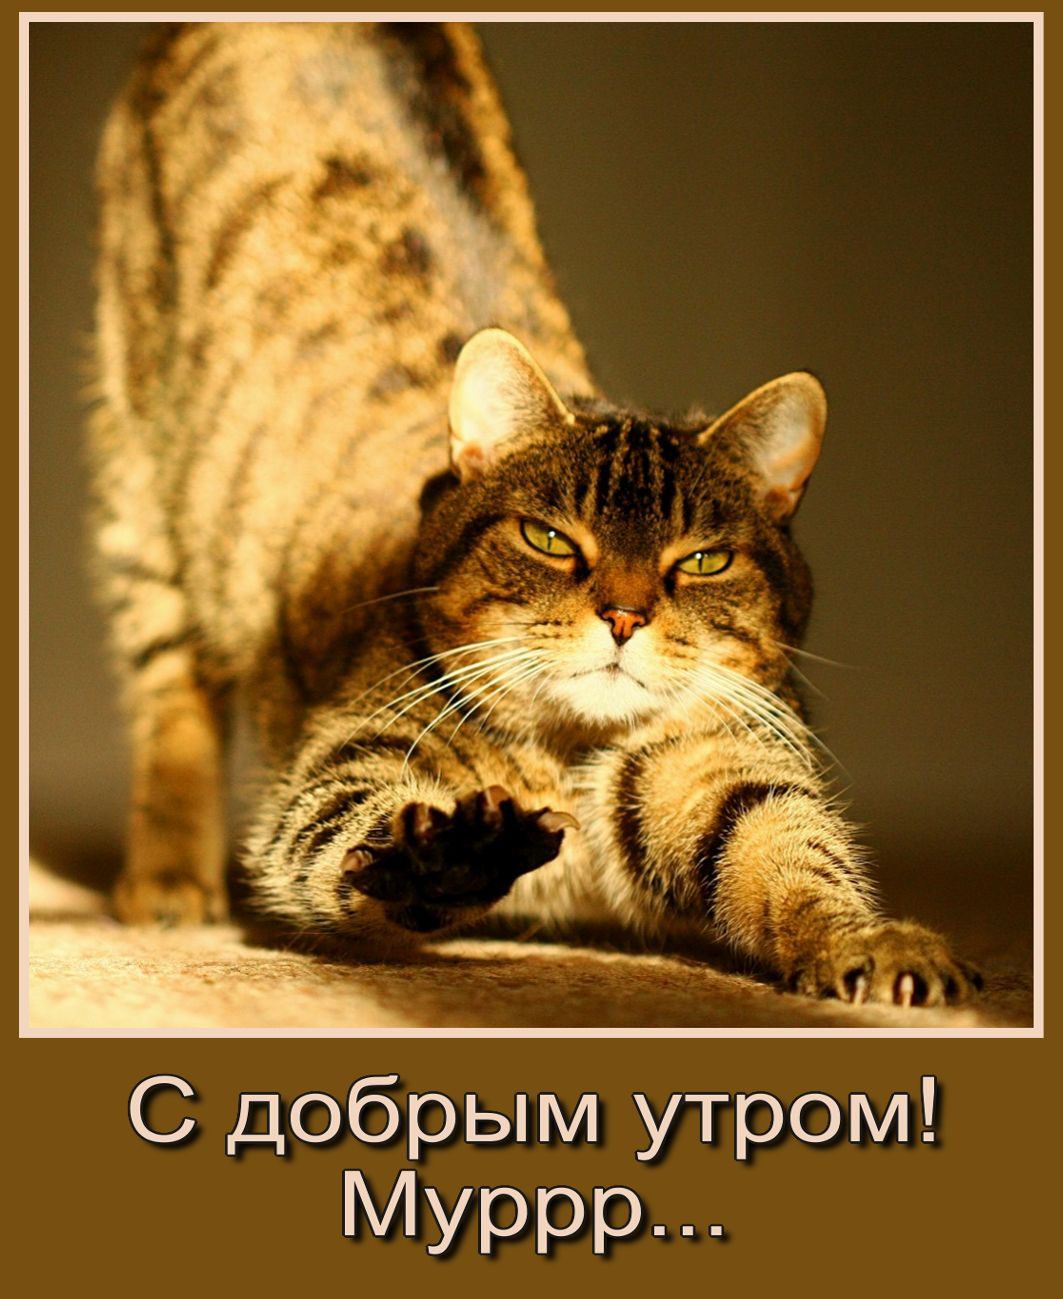 krasivye-otkrytki-kartinki-s-dobrym-utrom-chast-5-aya-9.jpg